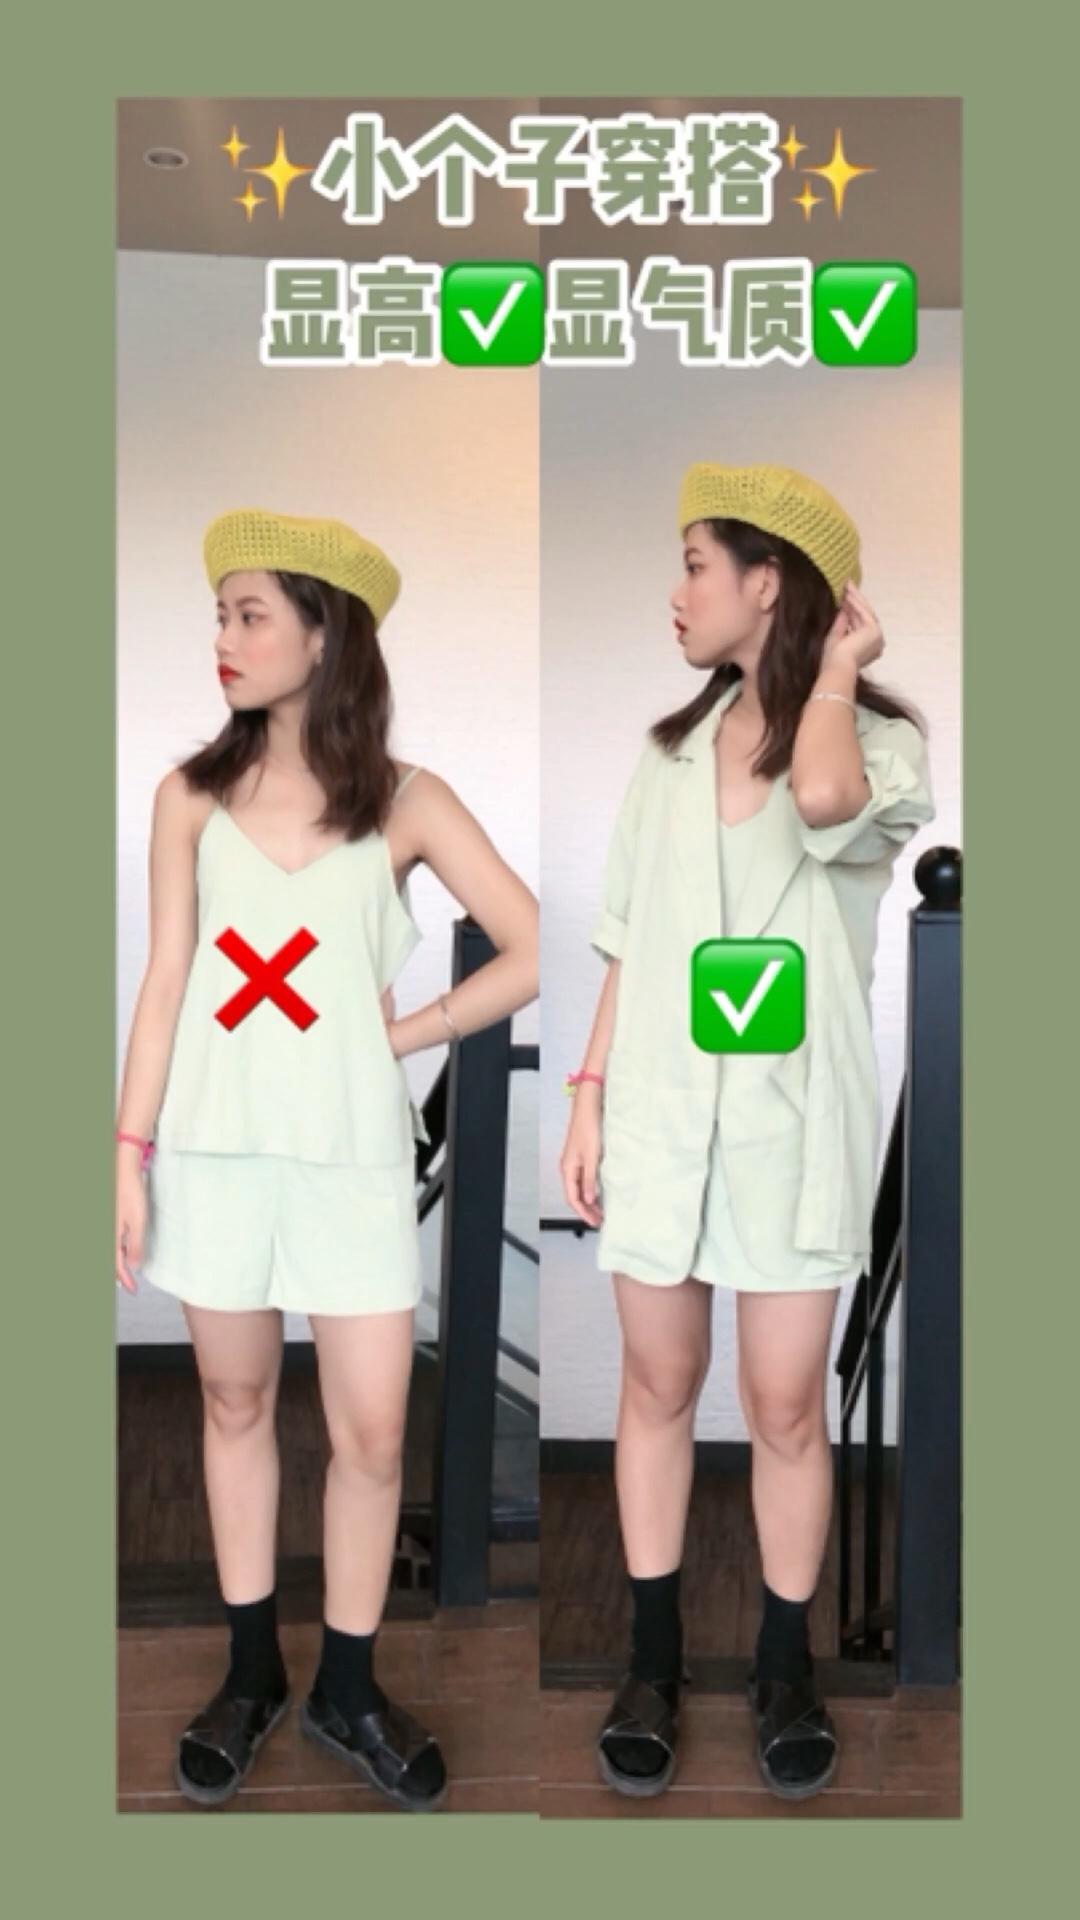 绿色套装~ 这样的套装有很多穿法~ 看你怎么穿哦~小个子女生看过来 手臂不是很细 布料是比较有垂感的 这样不小心就会显胖哦~ 这时候我就搭配上外套 立马让你变有气质~ #可盐可甜西装风,换季站c位!#